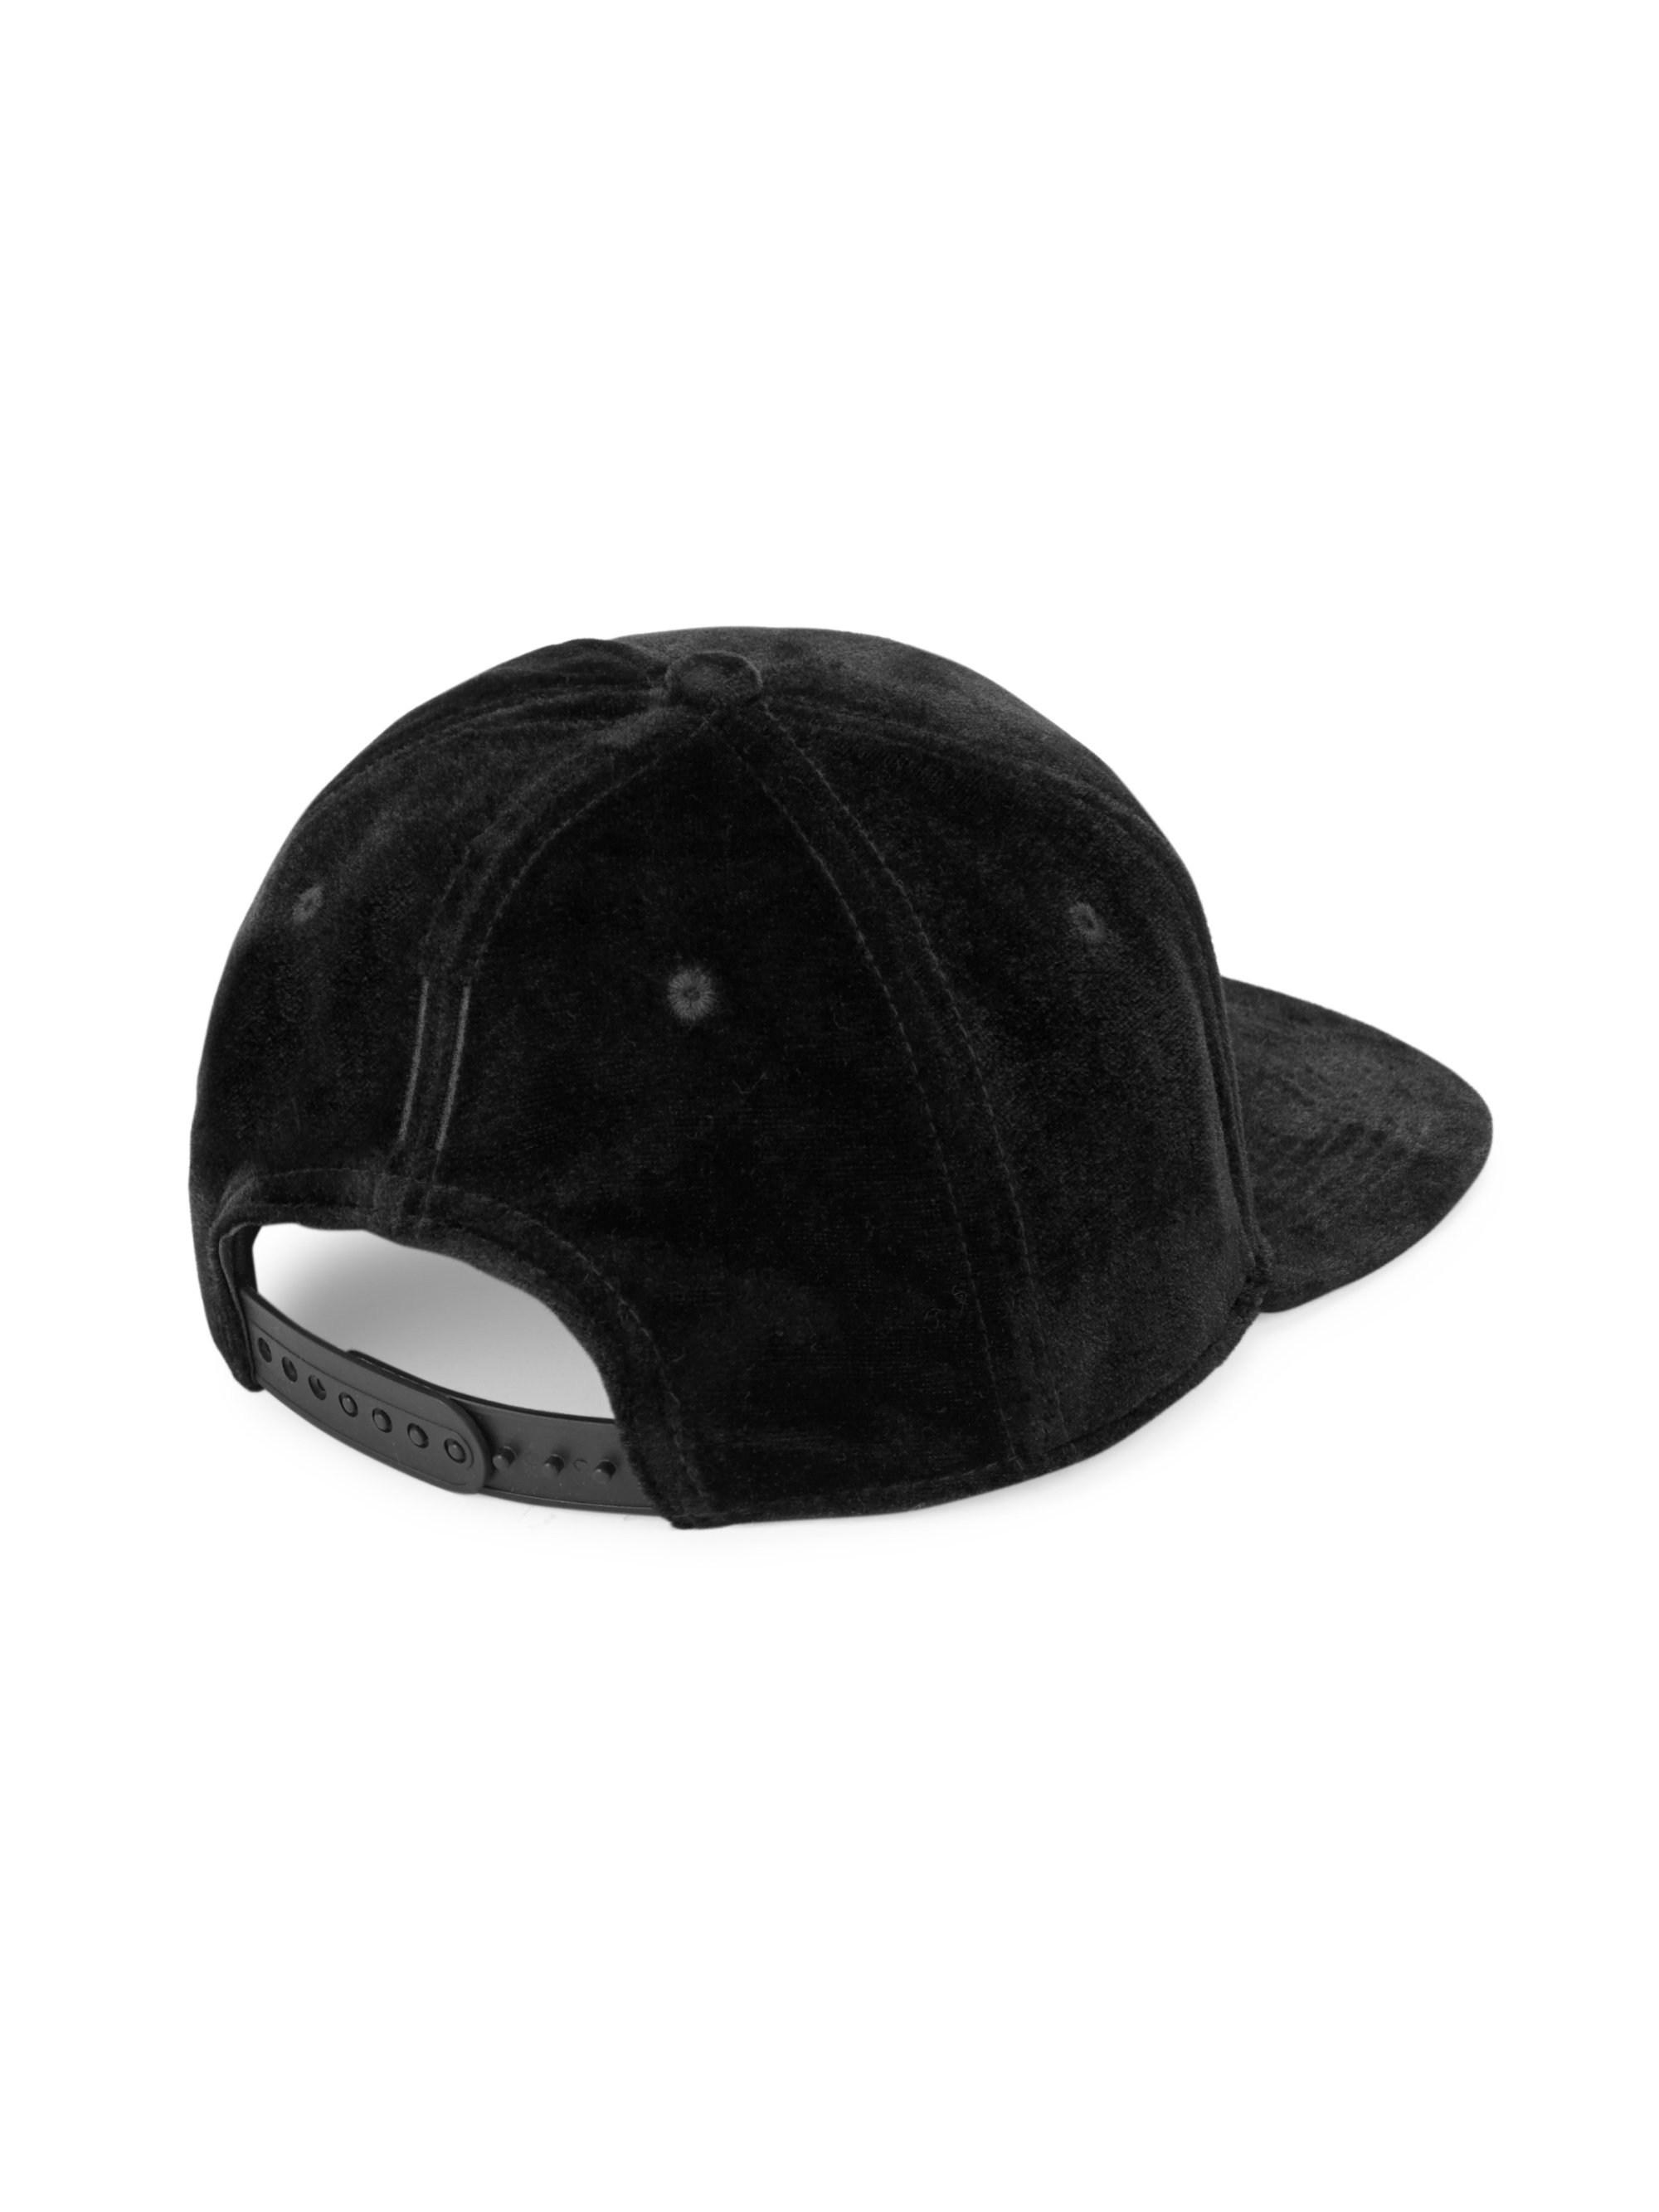 9e1ad5d2b2e Gents - Black Chairman Velvet Baseball Cap for Men - Lyst. View fullscreen